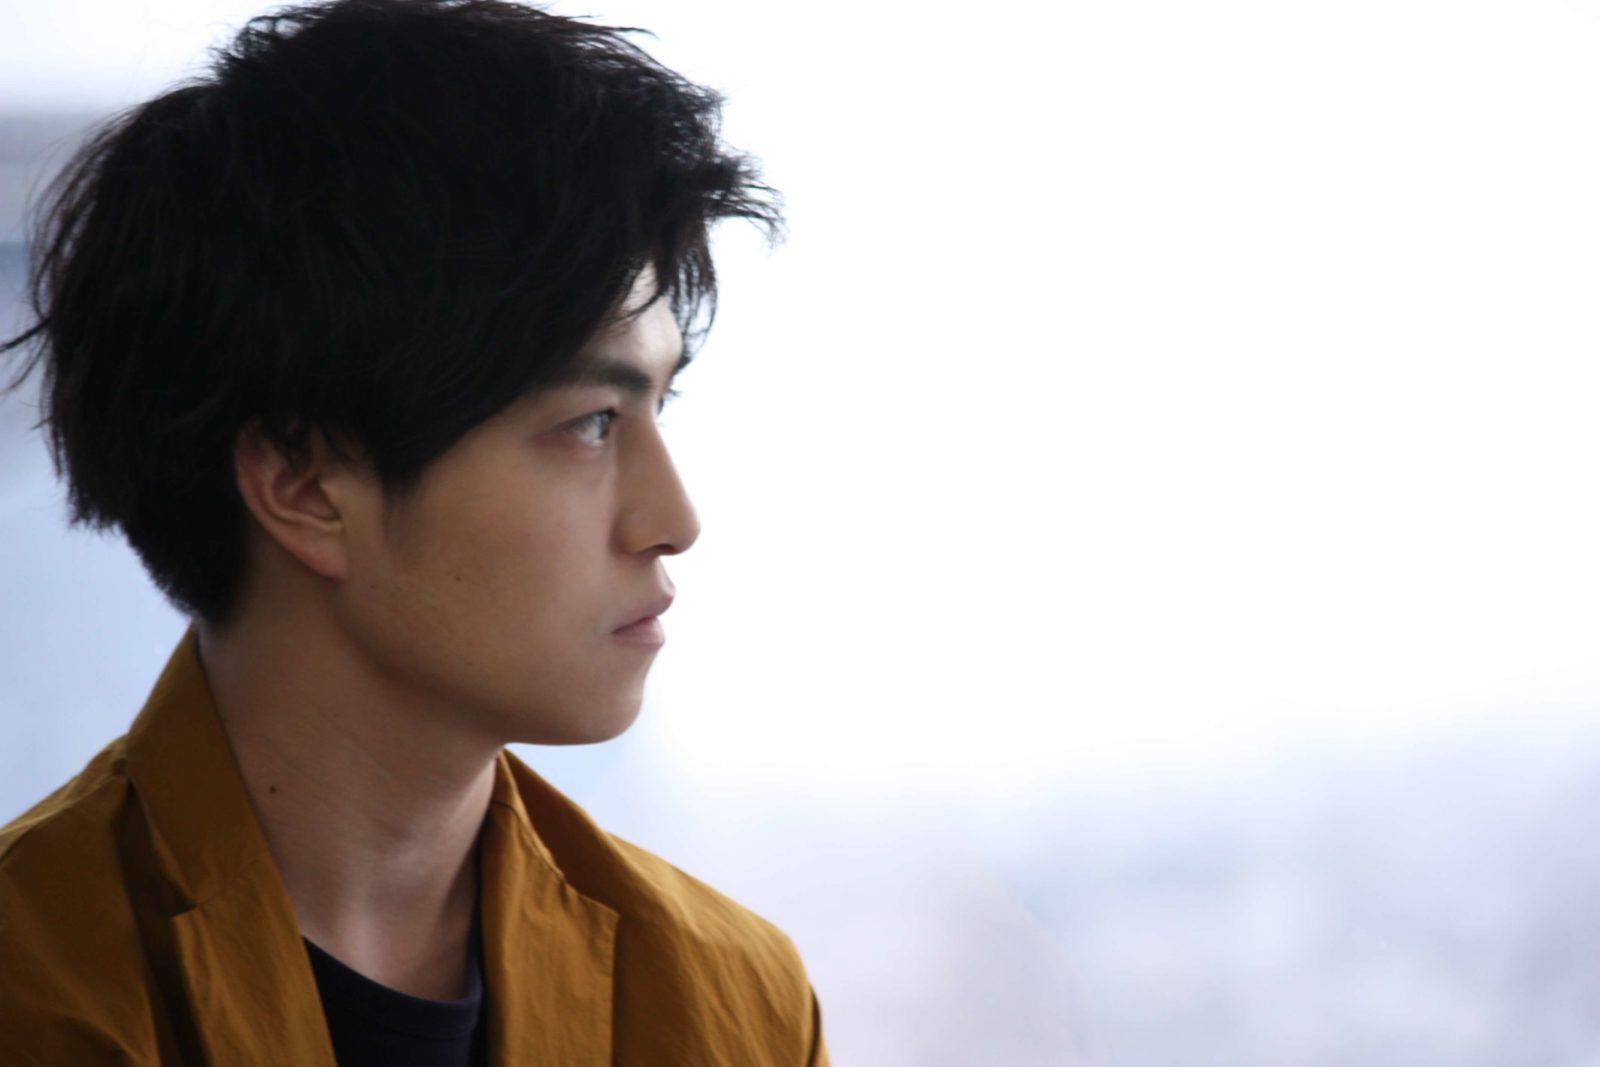 ドラマ『向かいのバズる家族』で内田理央の弟を演じる那智、初出演ドラマとこれからについて語る画像96337